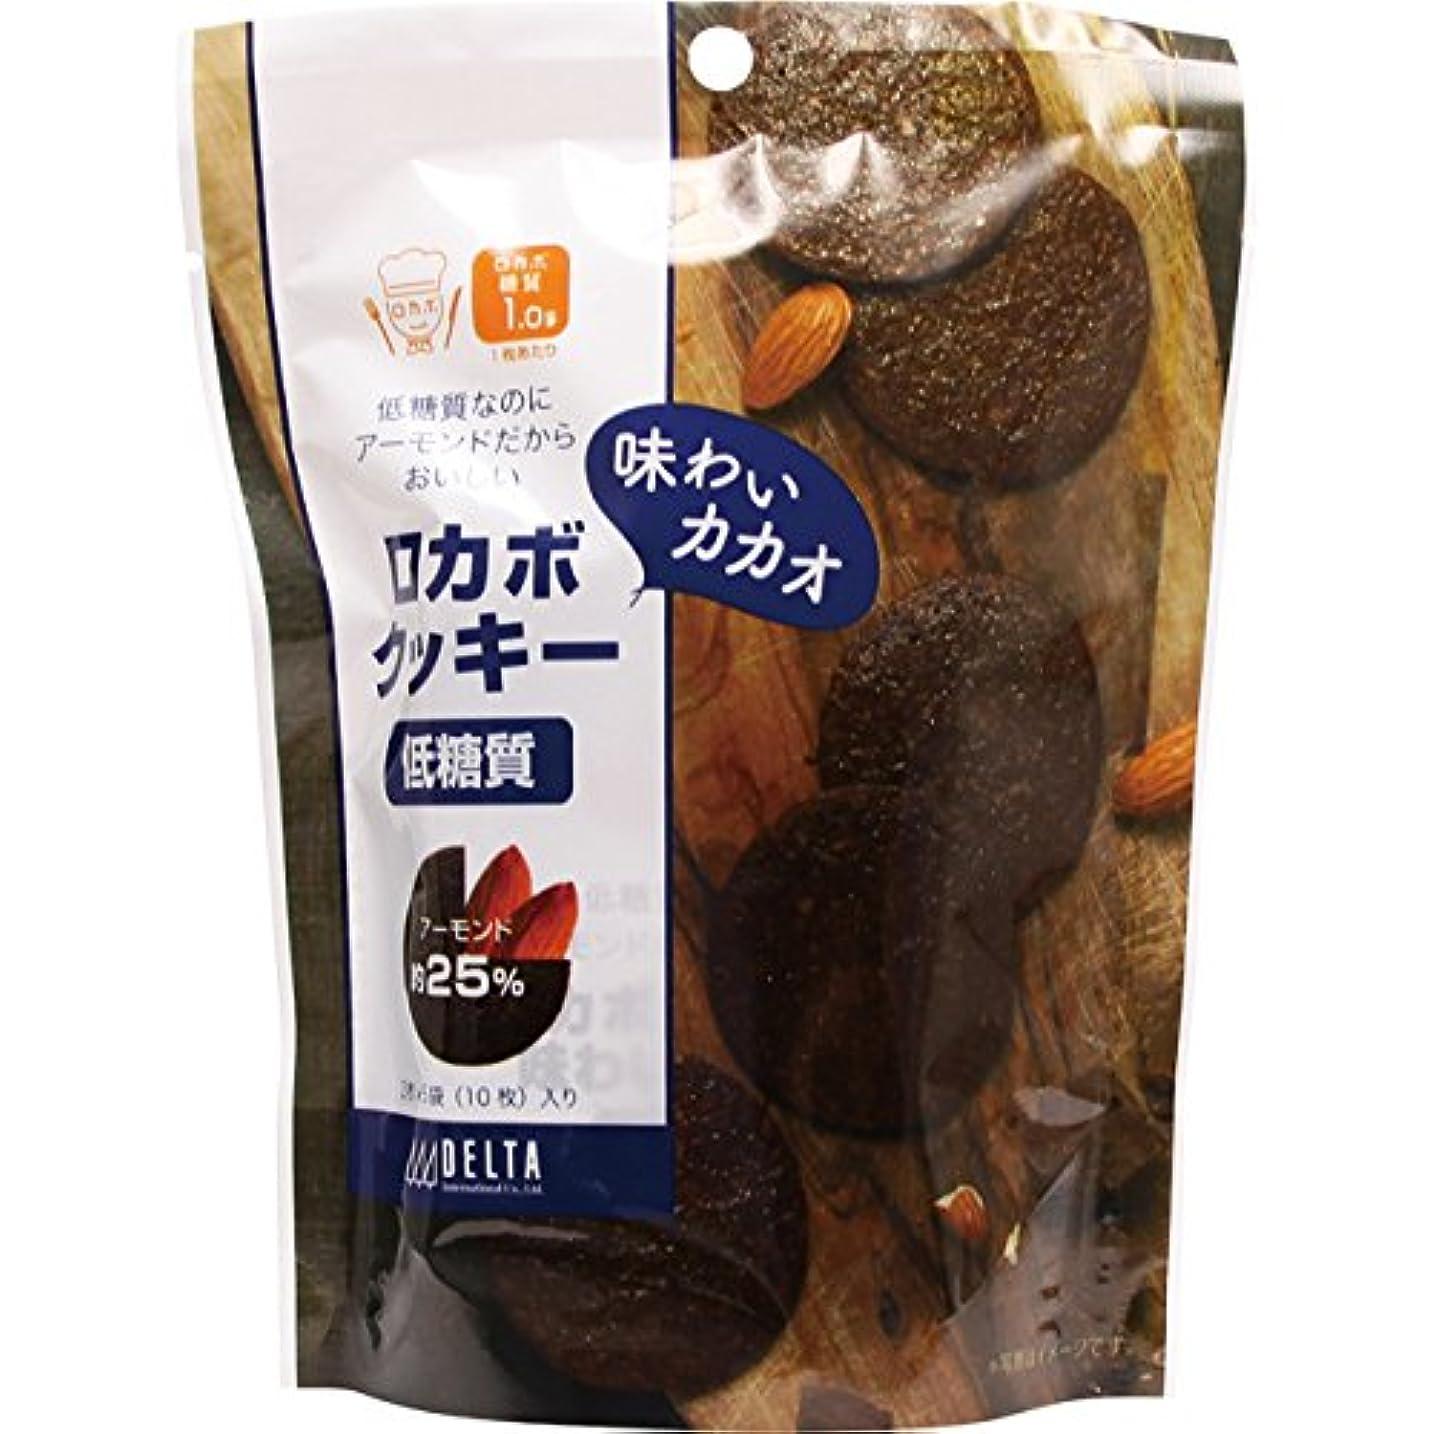 家泳ぐ適応するデルタ 低糖質 ロカボクッキー 味わいカカオ 10枚【5個セット】